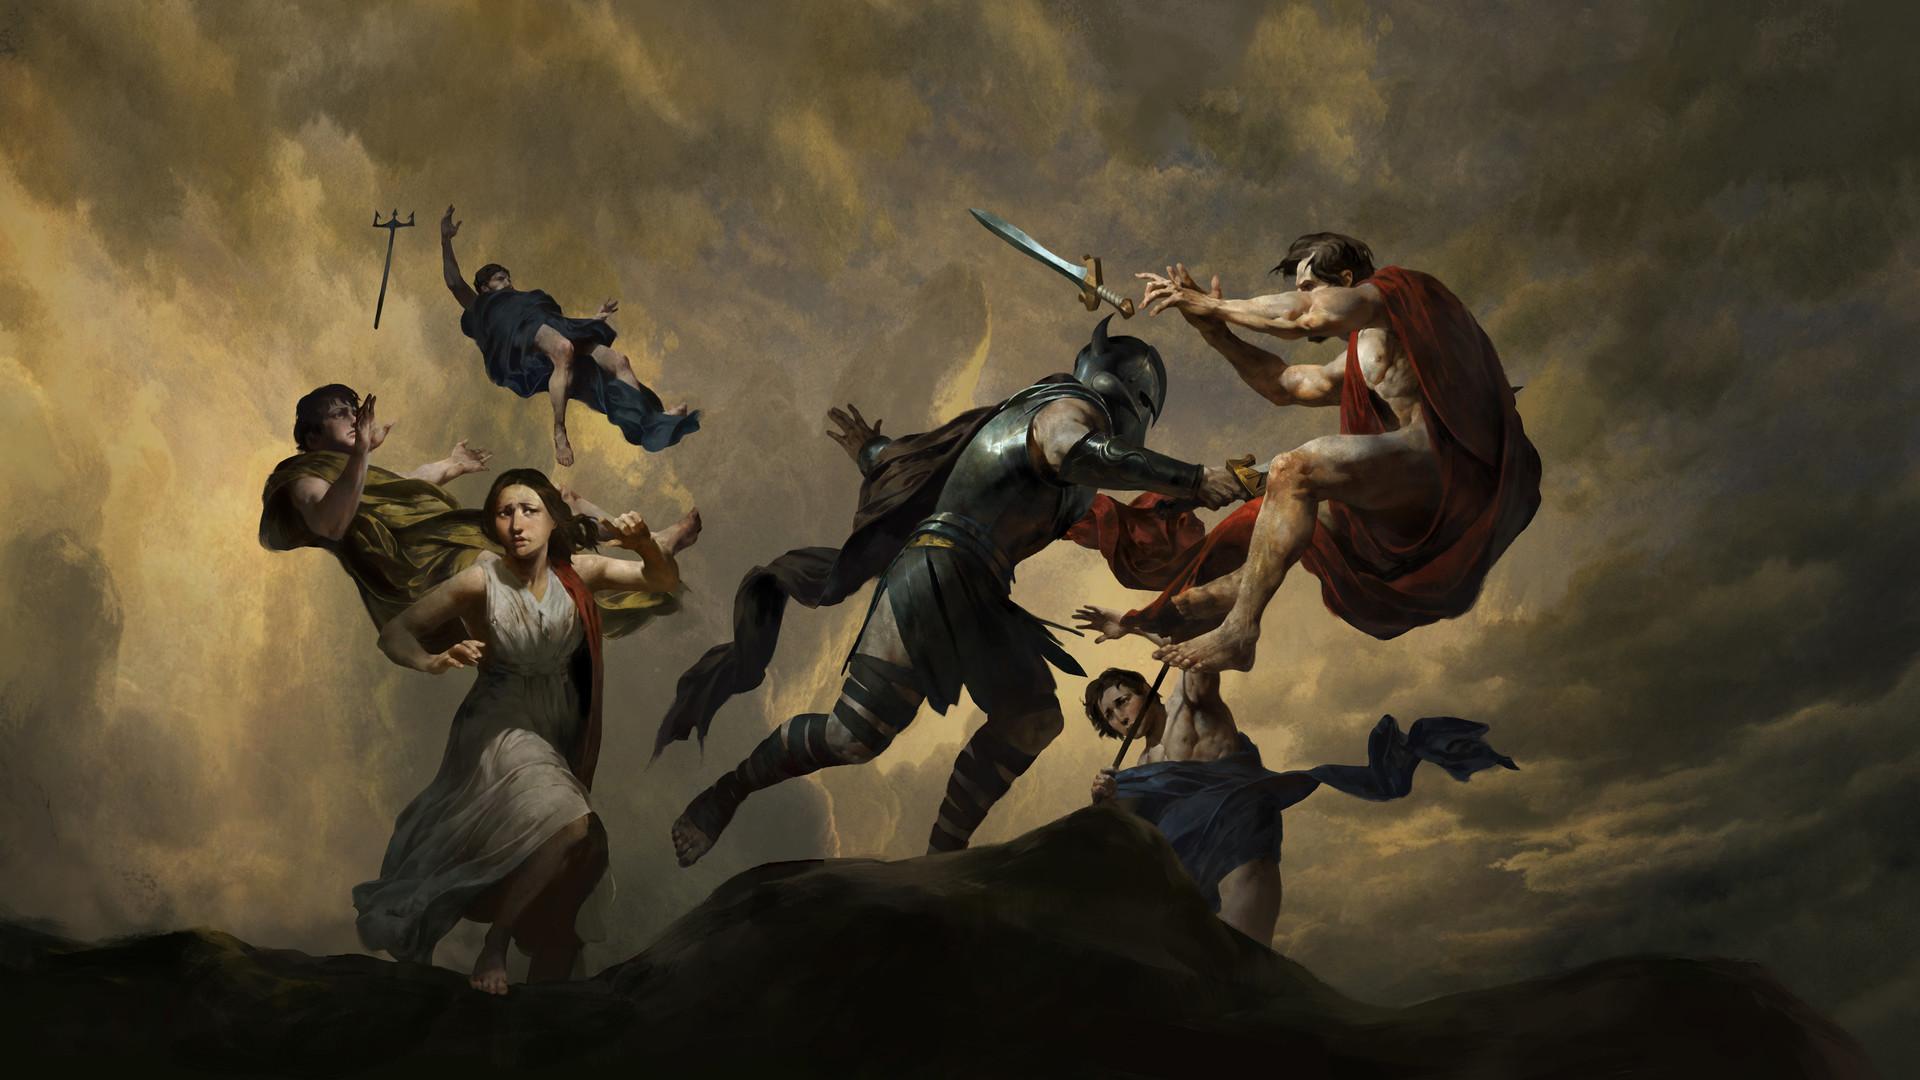 houston-sharp-11-asc-ww-historypainting-areskillsgods-frame2-v01-21